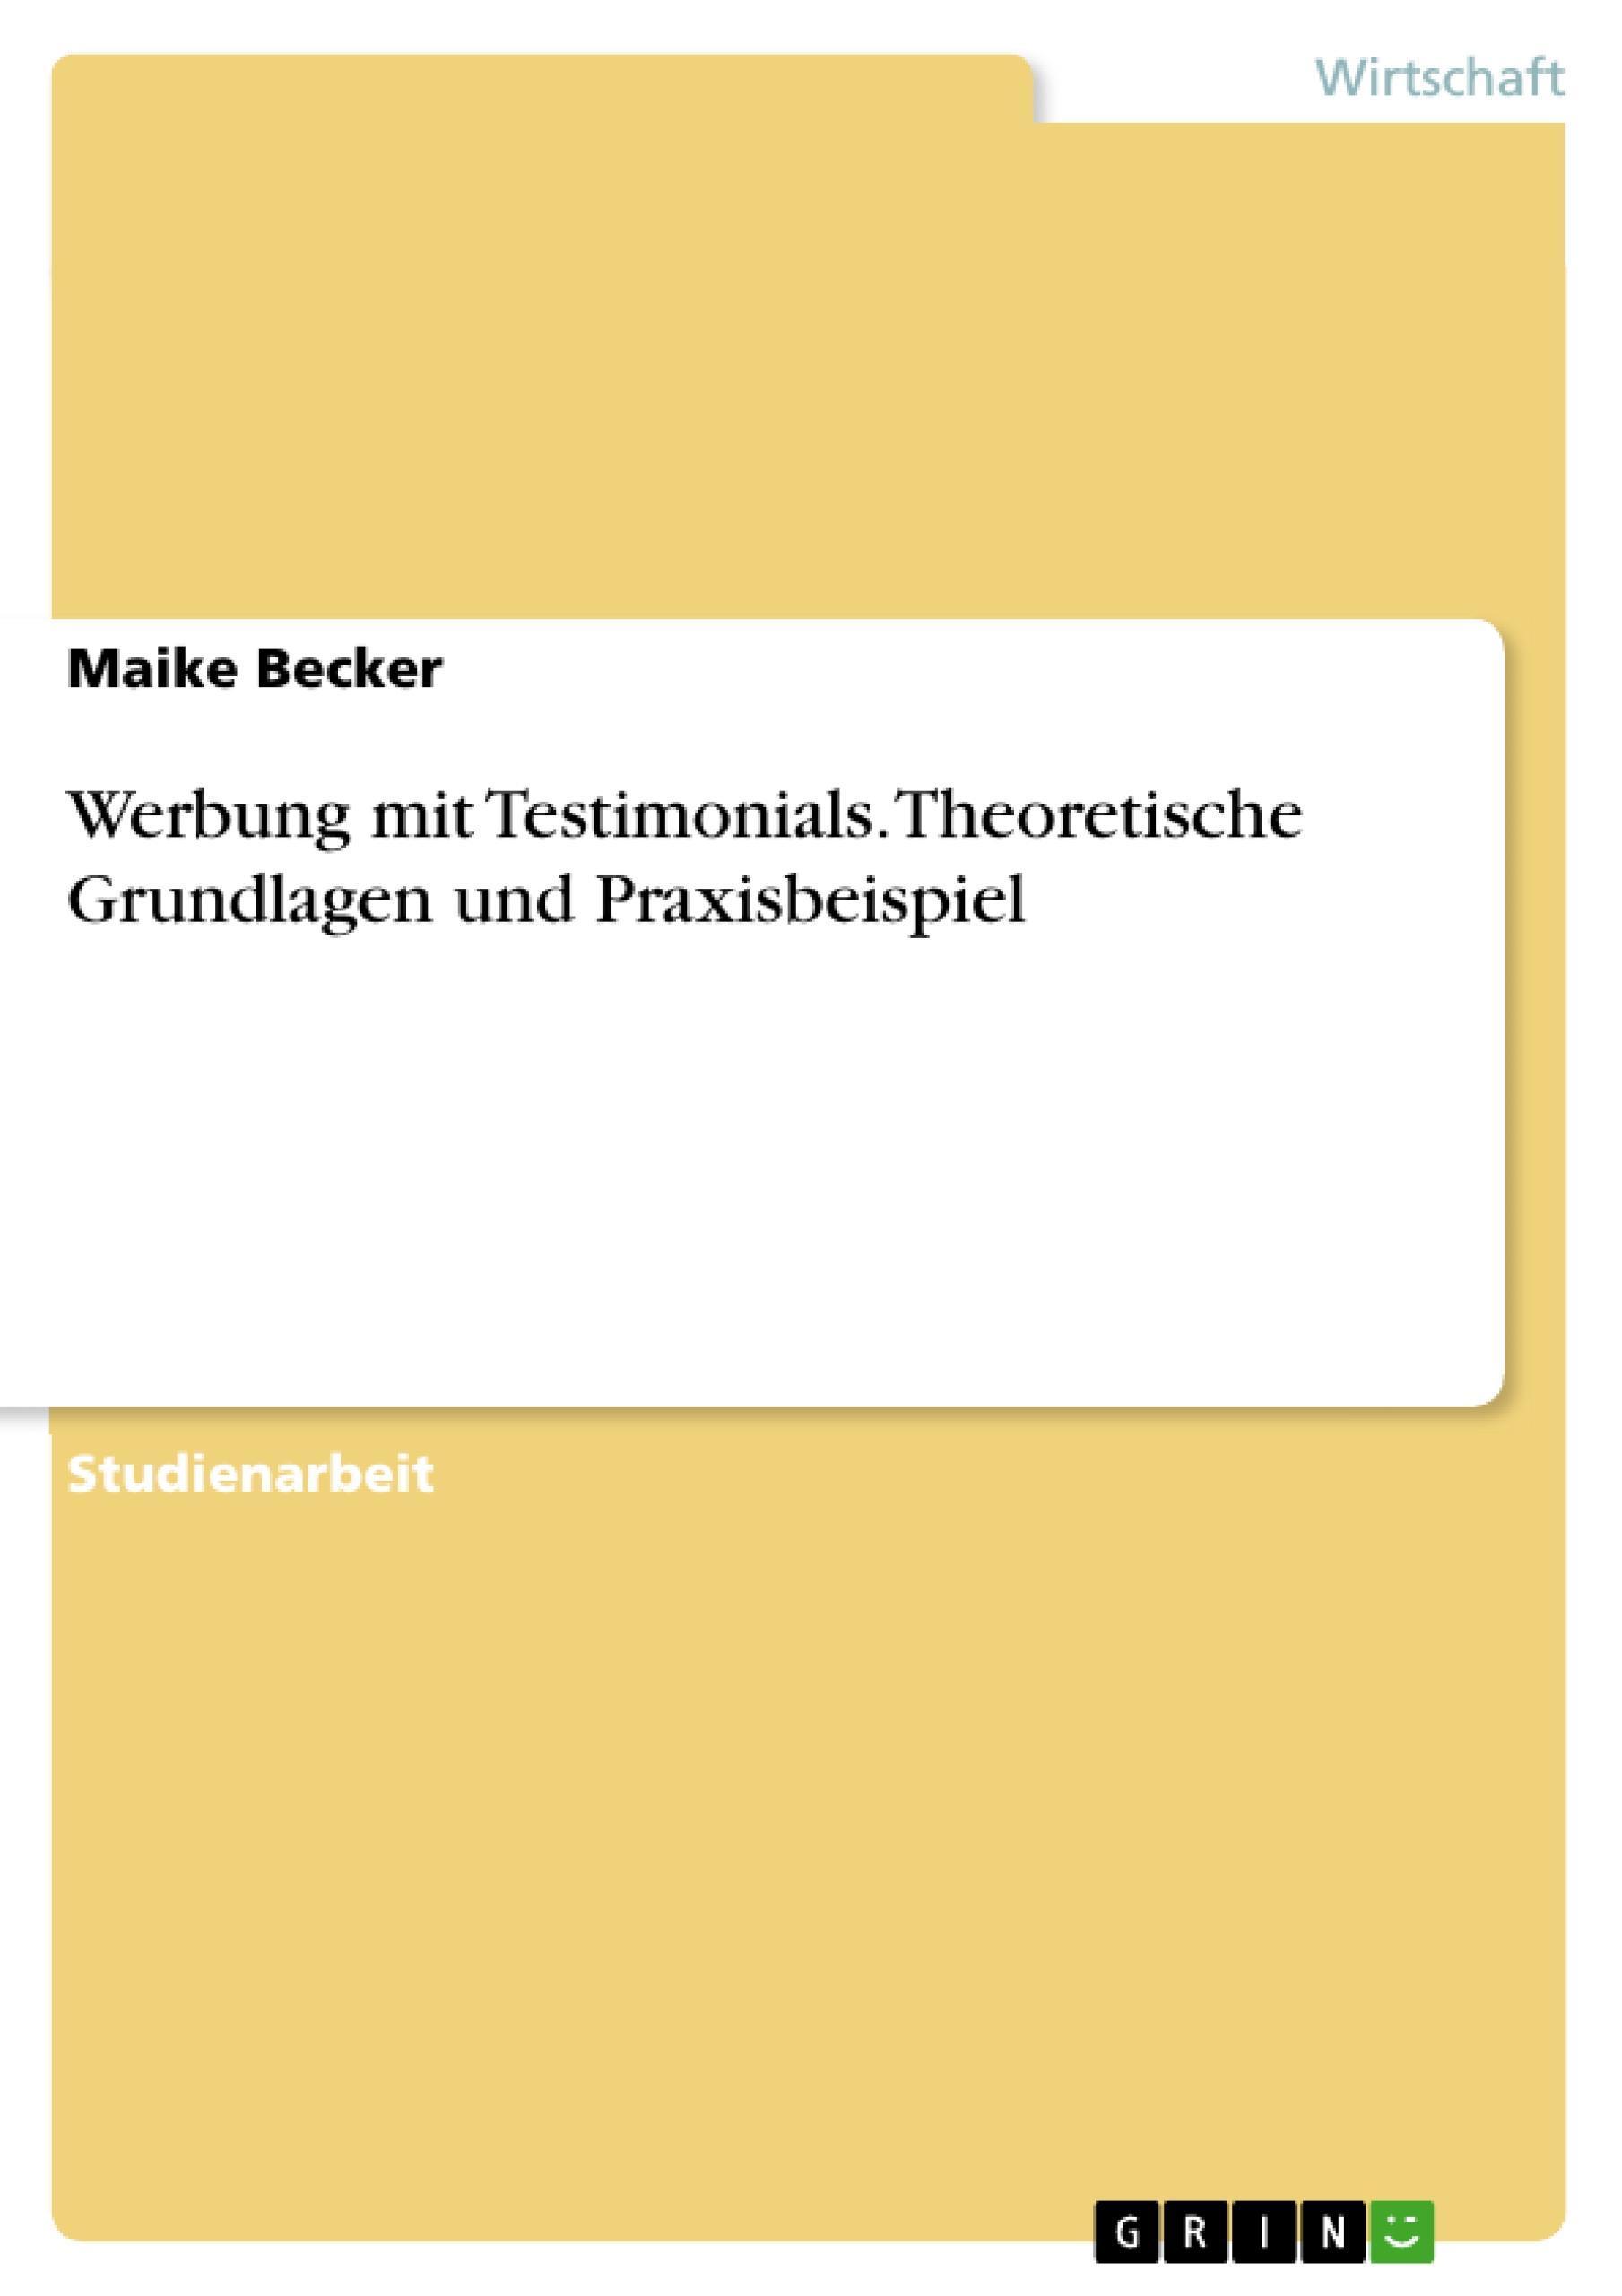 Werbung mit Testimonials. Theoretische Grundlagen und Praxisbeispiel Maike  ...